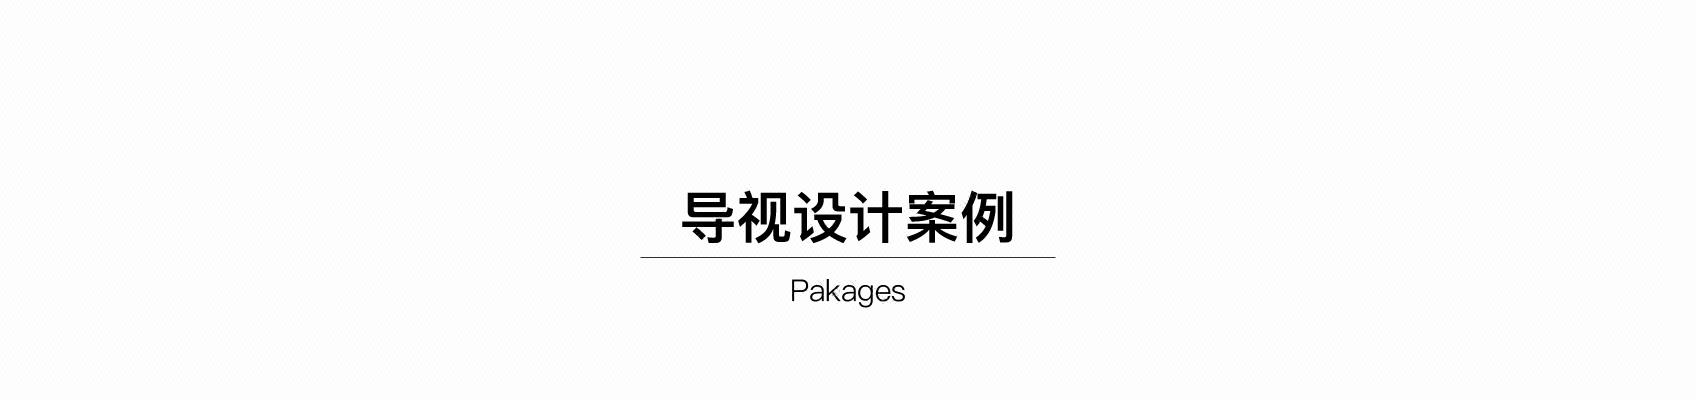 LOGO_字体设计文字logo公司企业品牌标志图标设计34